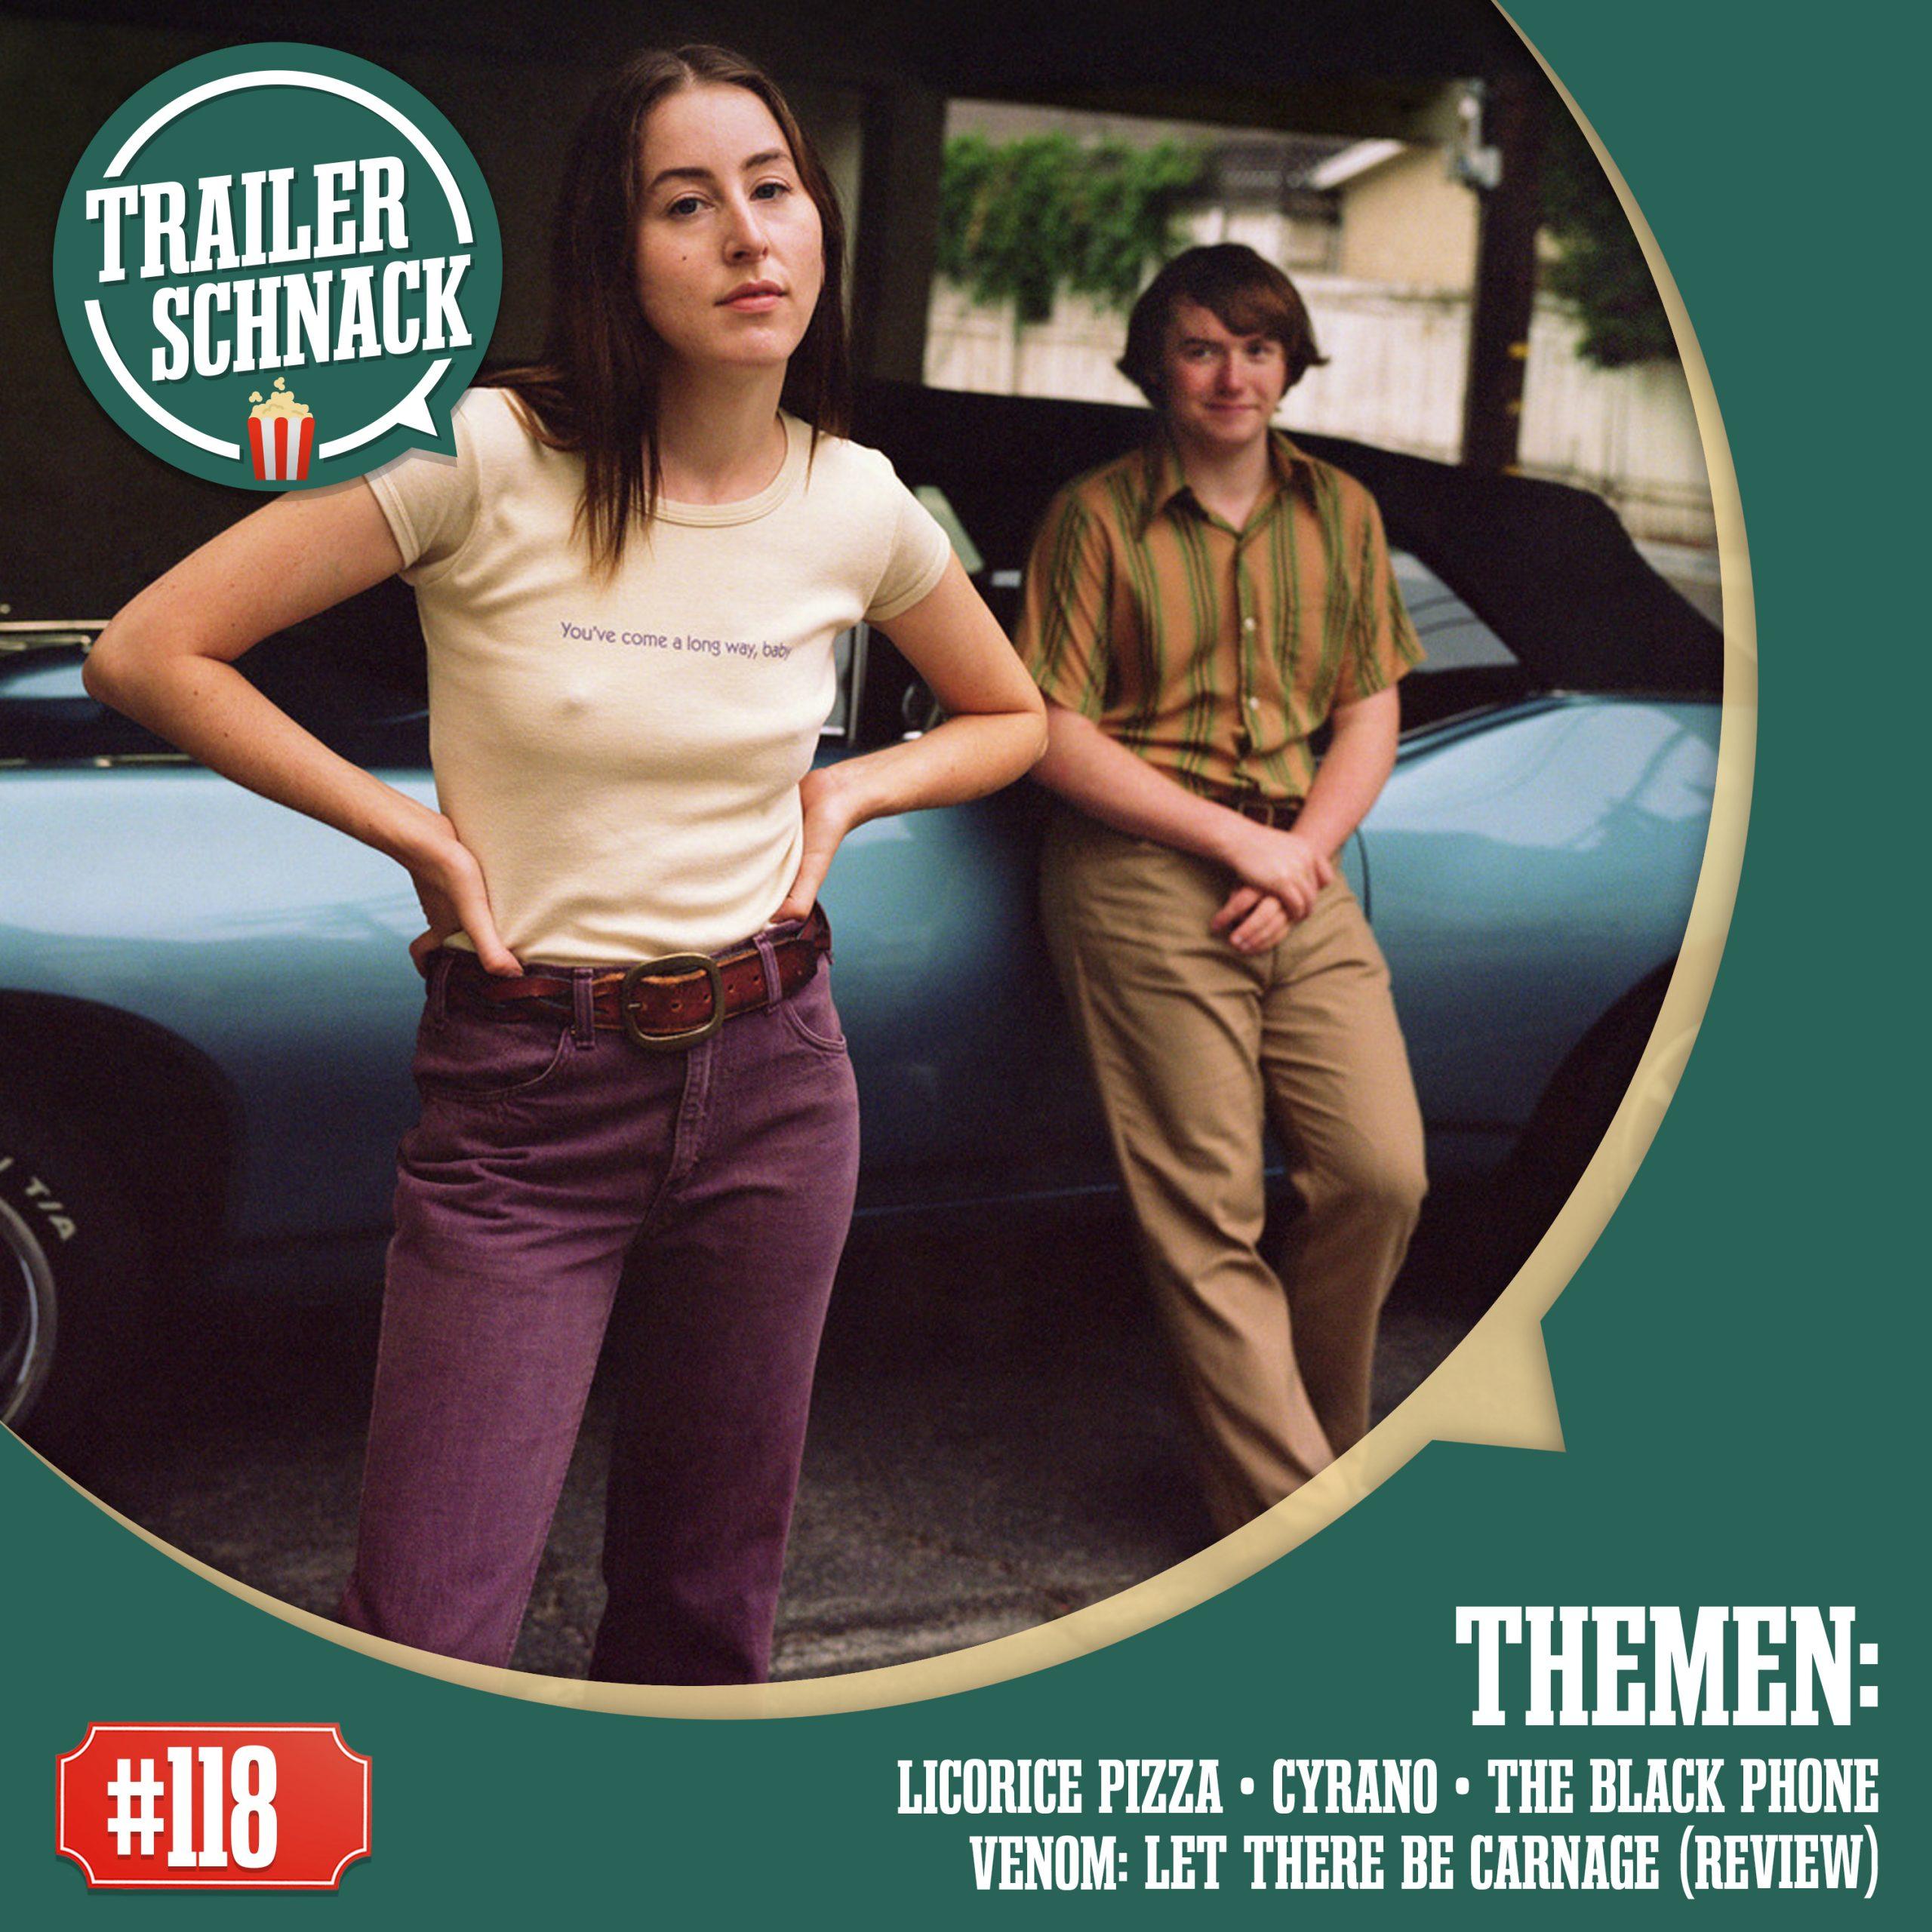 Trailerschnack #118